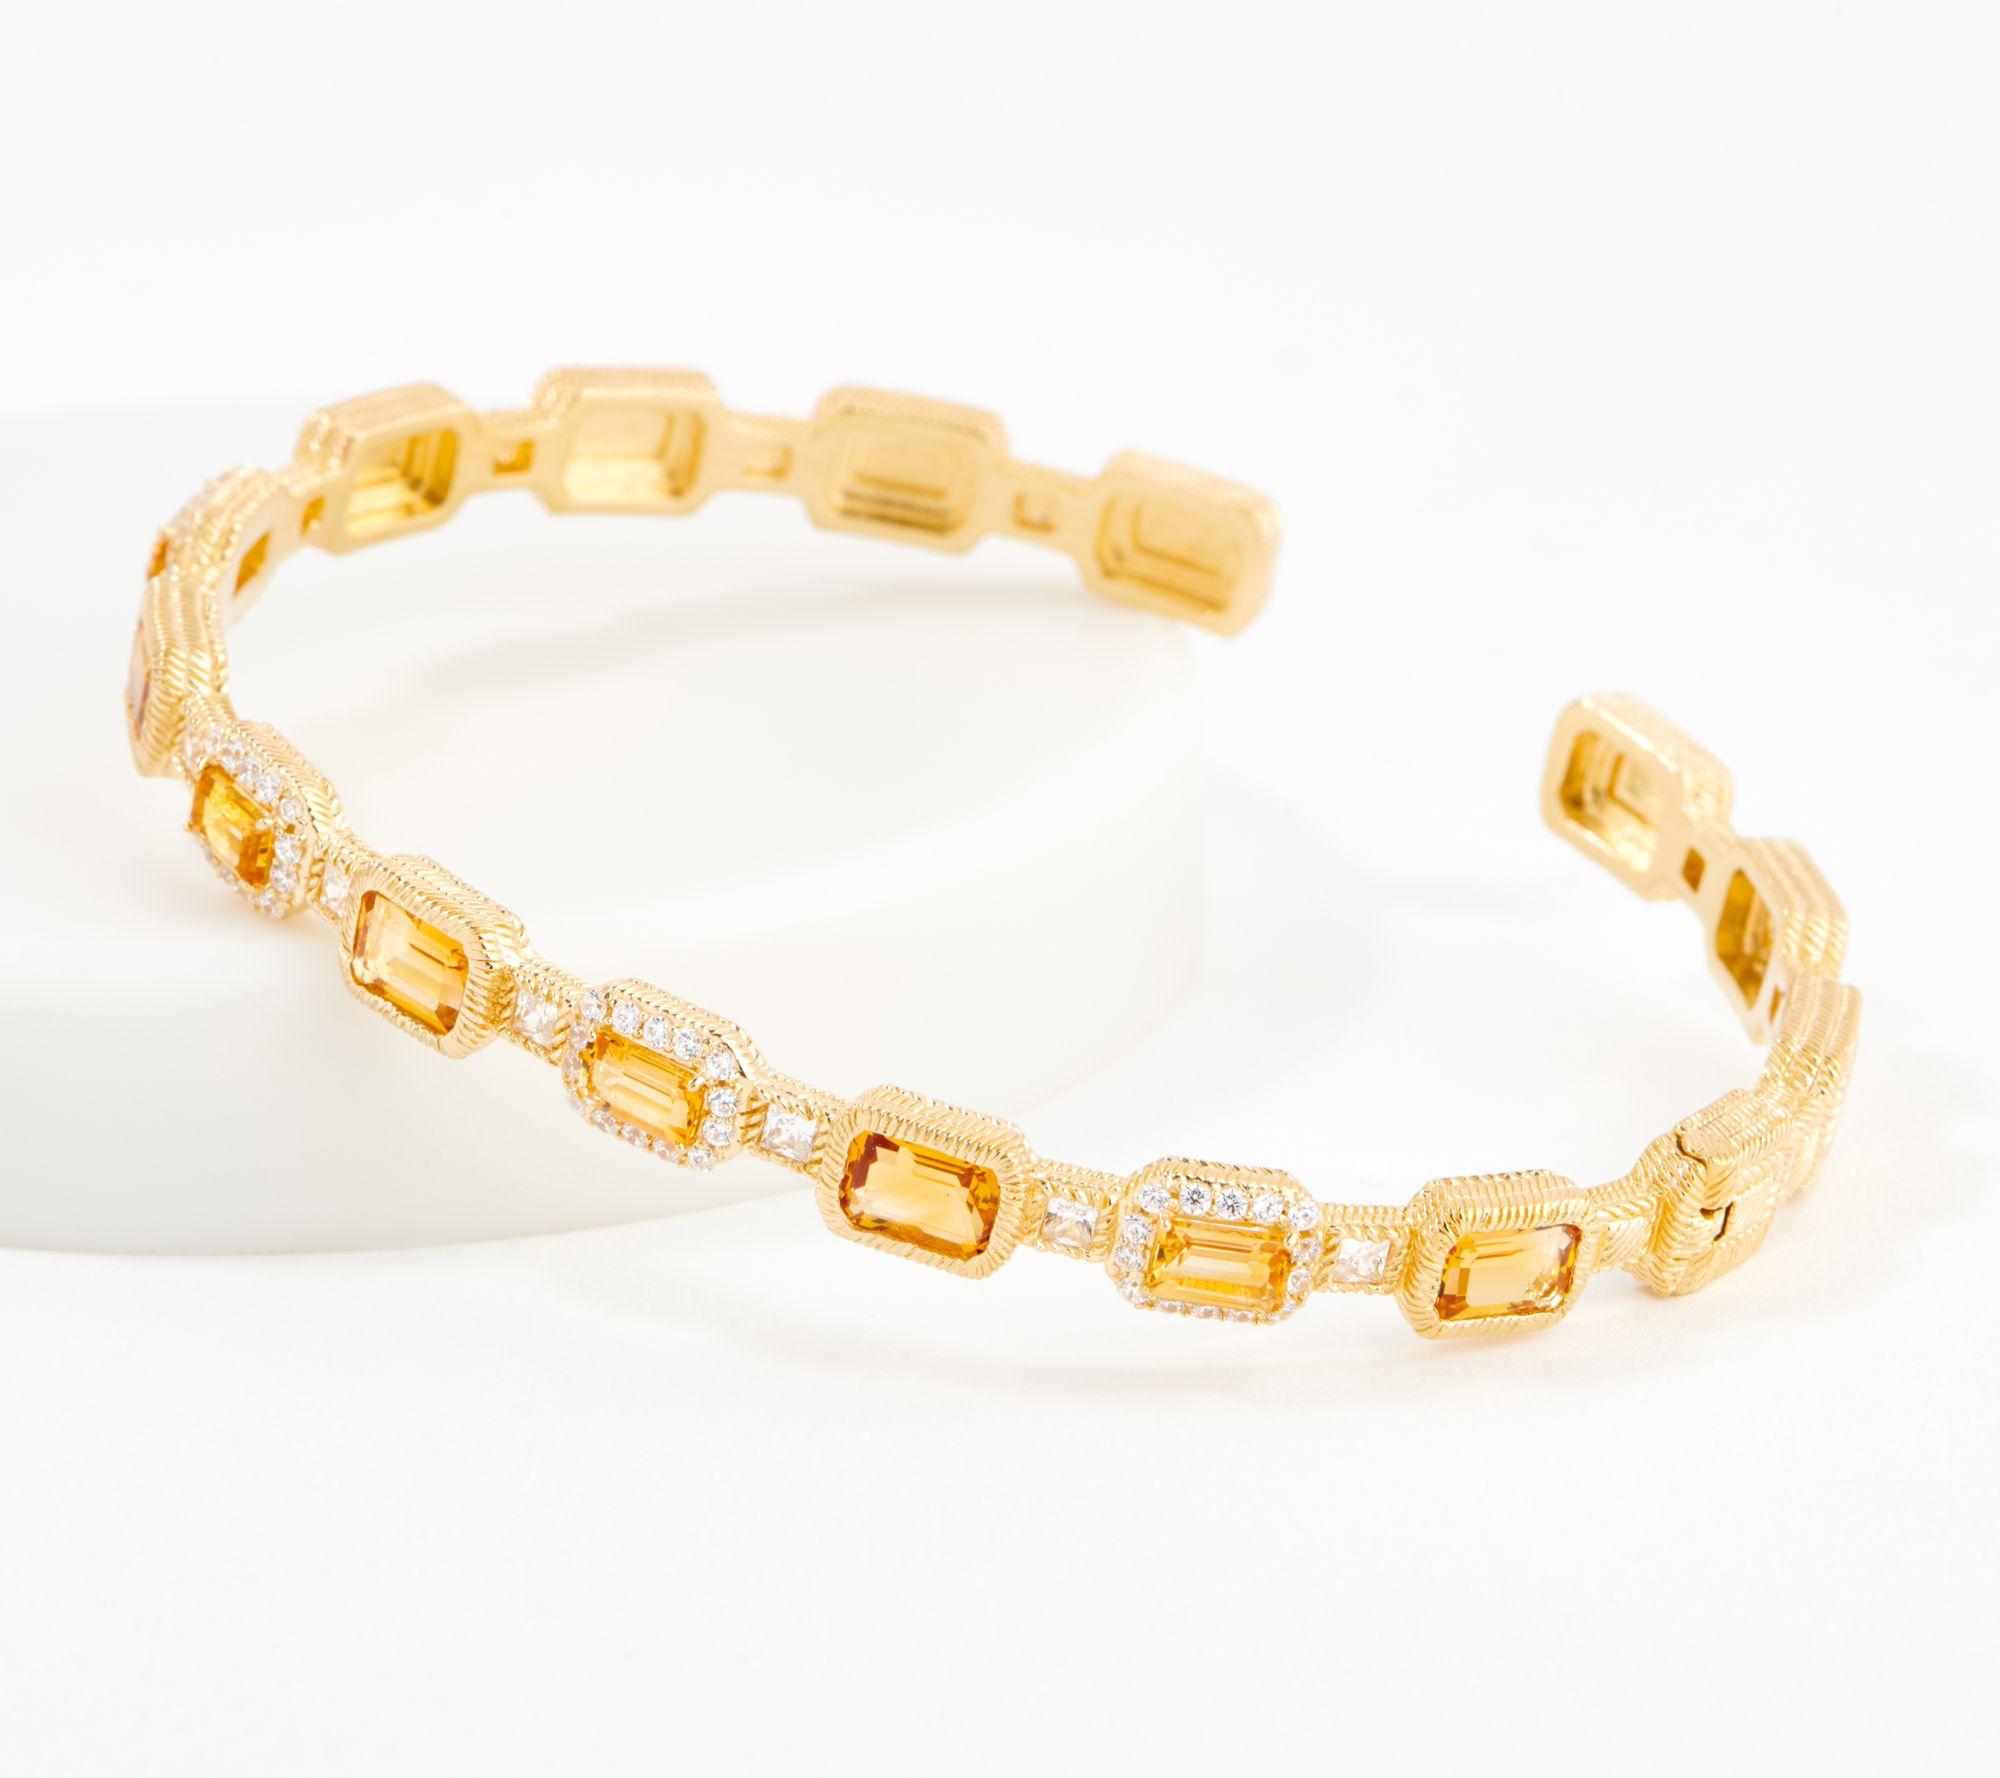 $112 off a 14K gold clad gemstone cuff